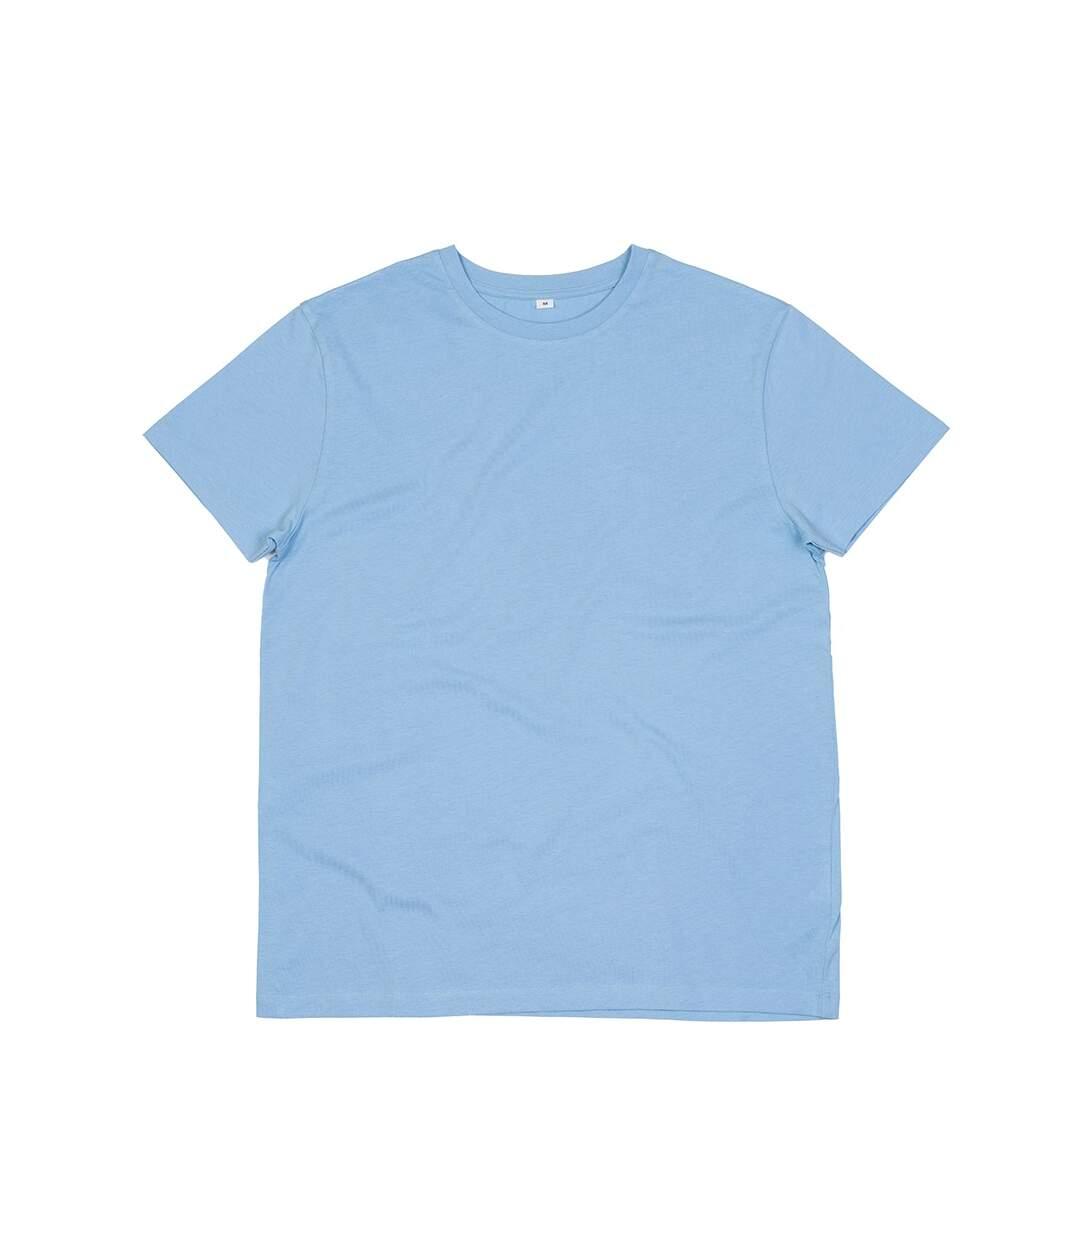 Mantis Mens Organic T-Shirt (Sky Blue) - UTPC3964